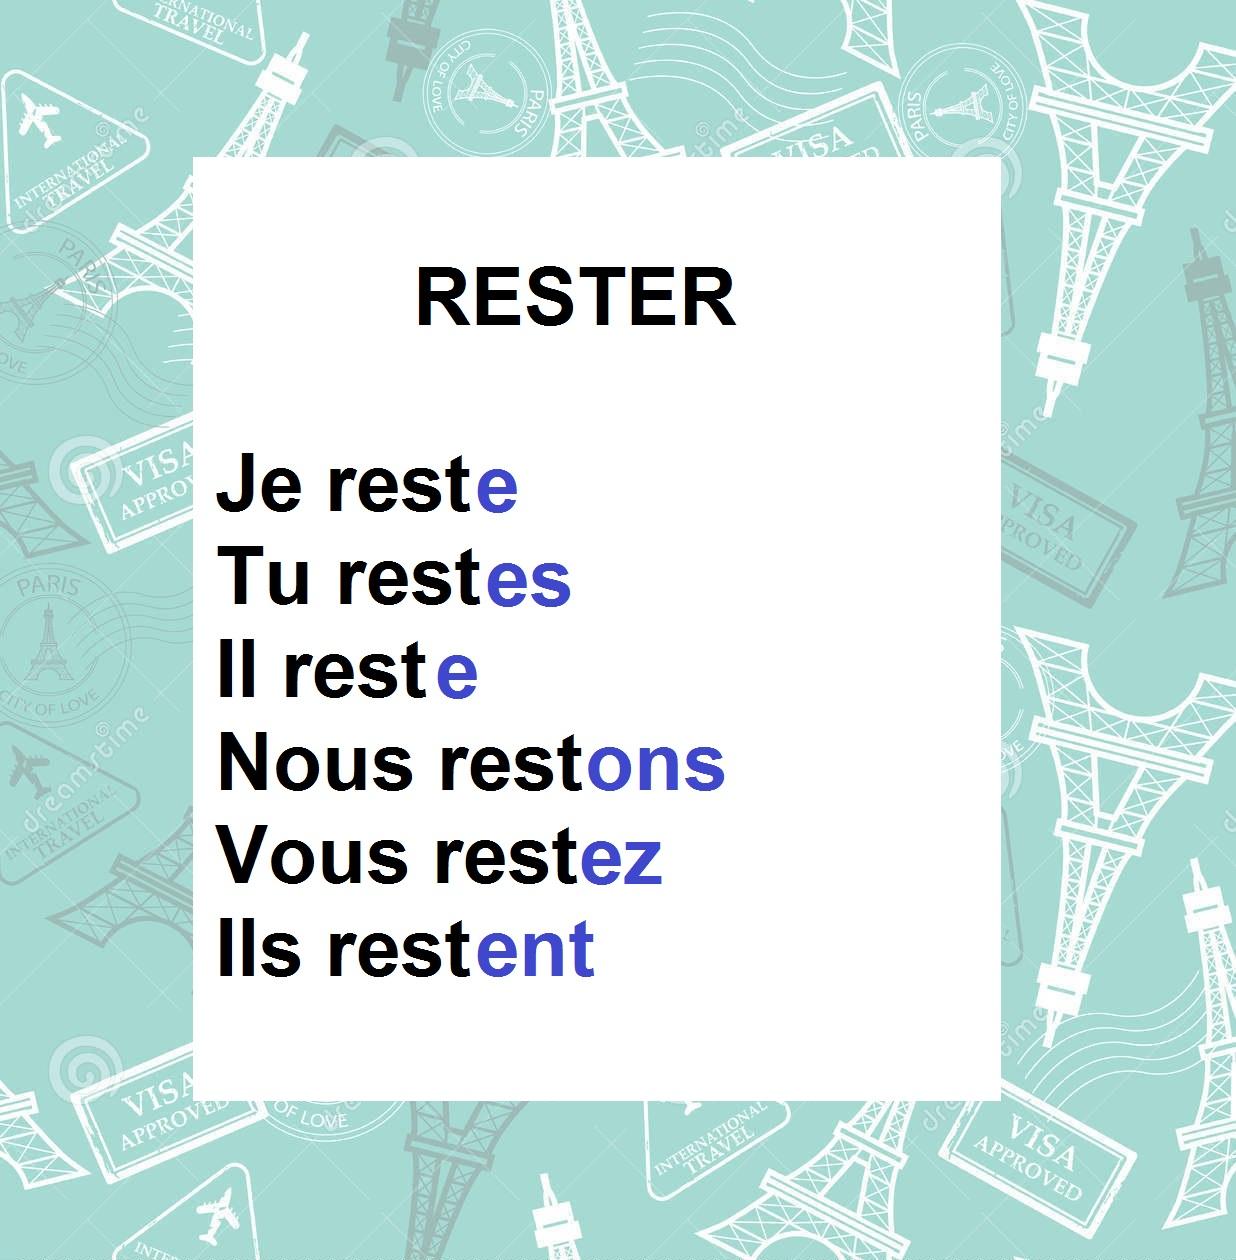 Professeur Aline La Conjugaison Des Verbes Au Present 1er Groupe Les Verbes En Er